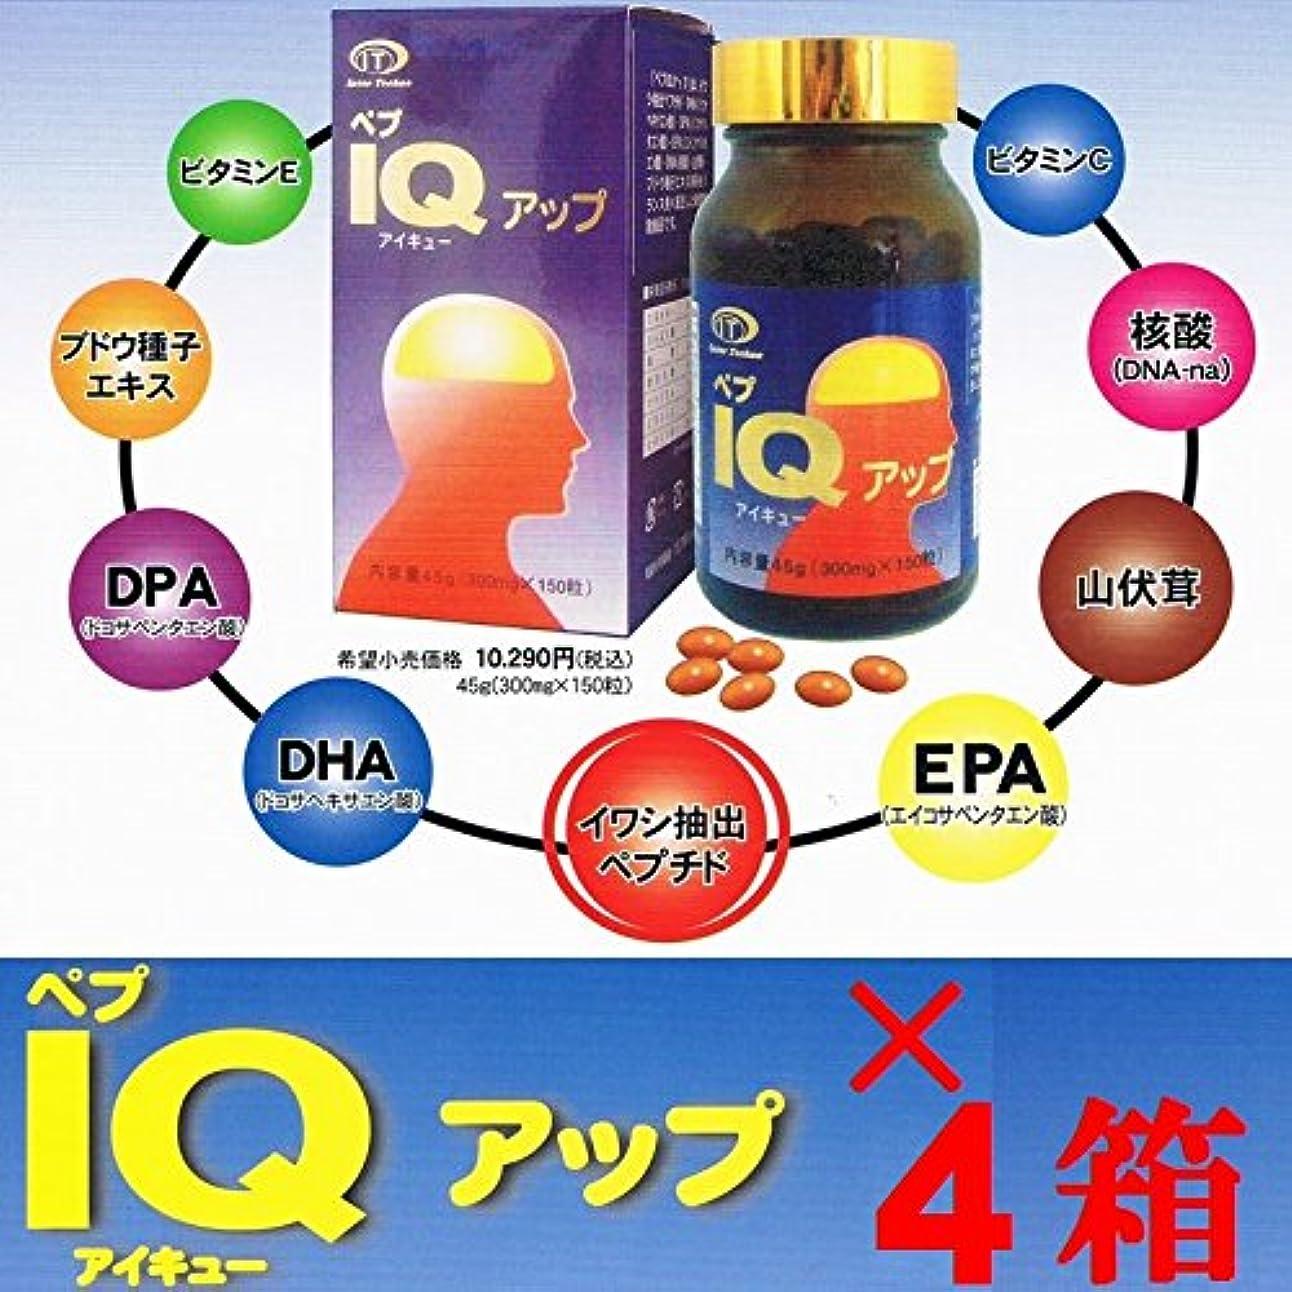 効果的に代替測るペプIQアップ 150粒 ×お得4箱セット 《記憶?思考、DHA、EPA》